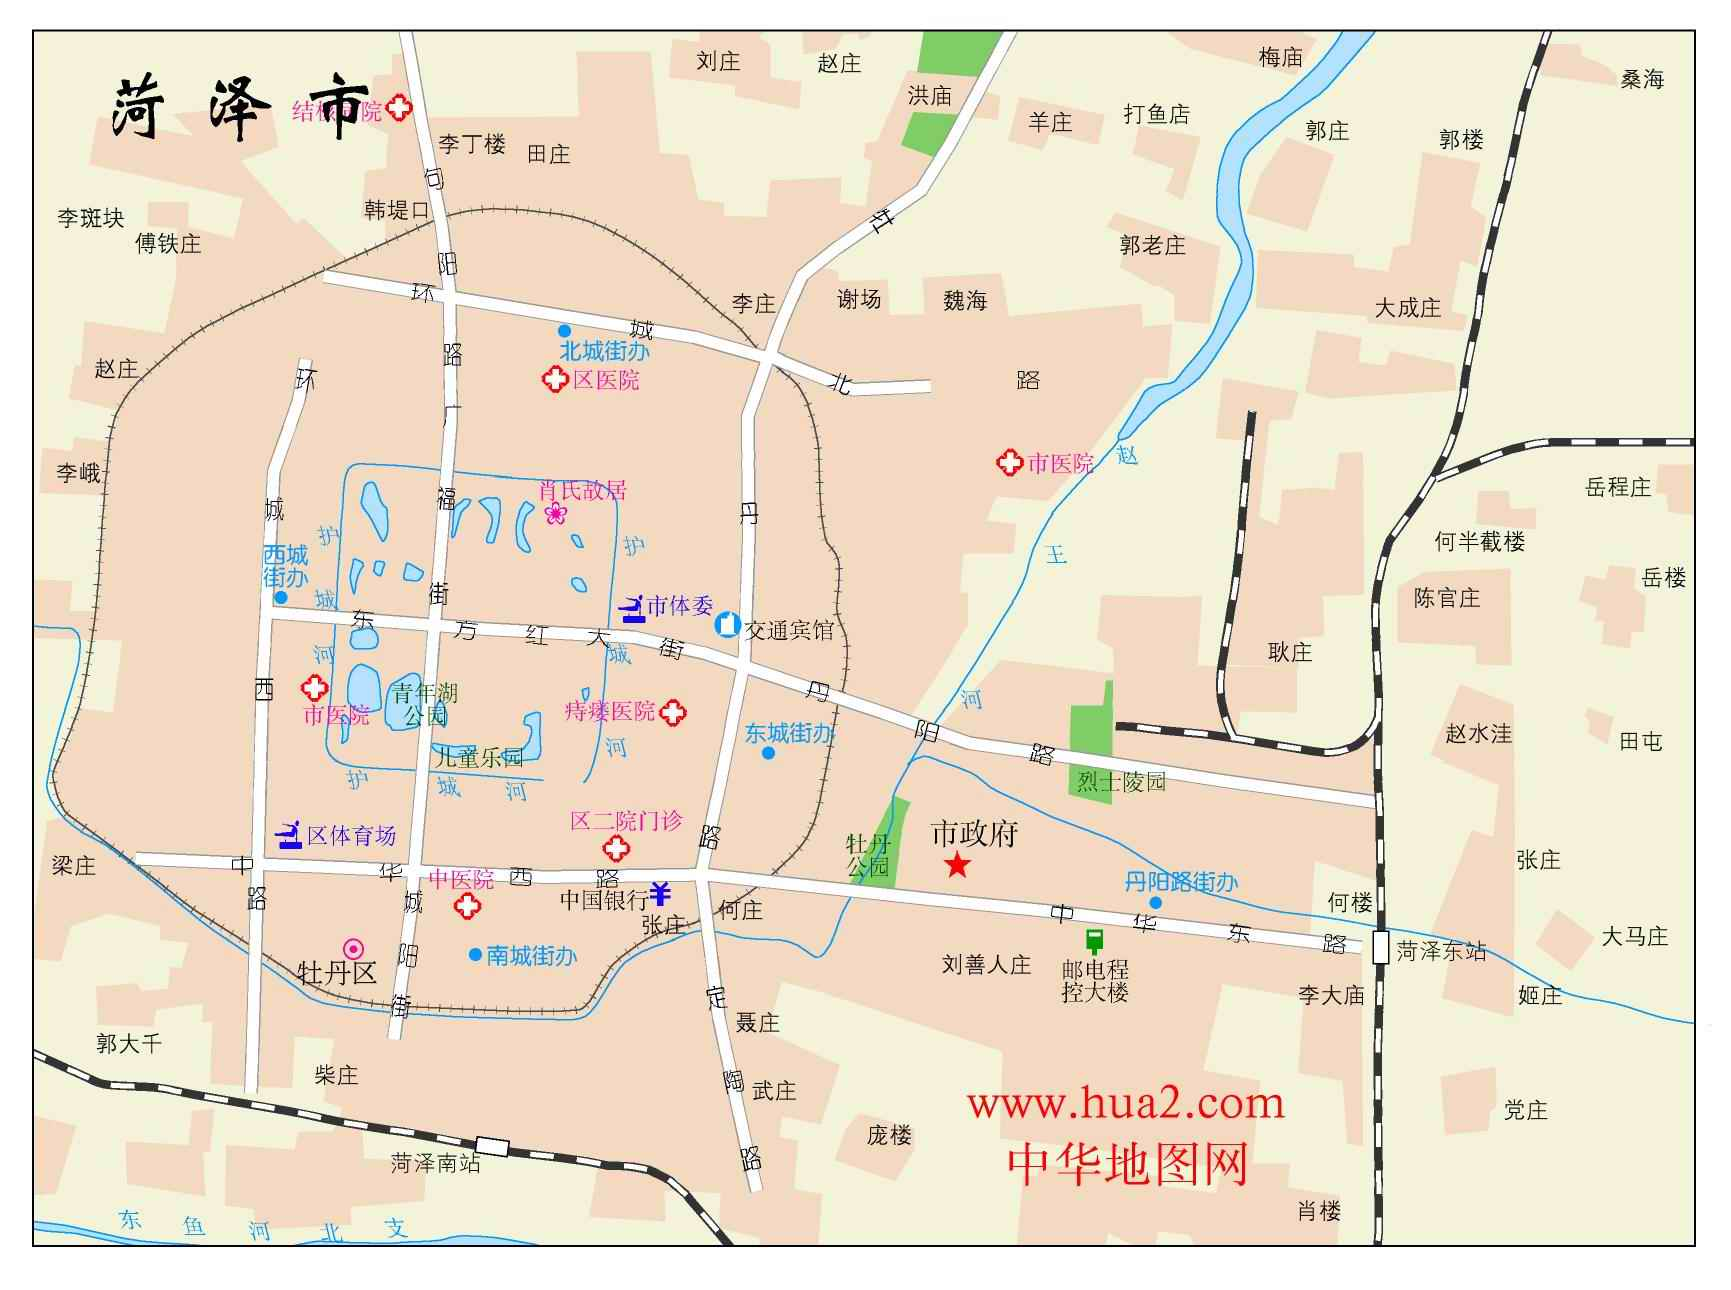 菏泽市市区地图_菏泽地图库